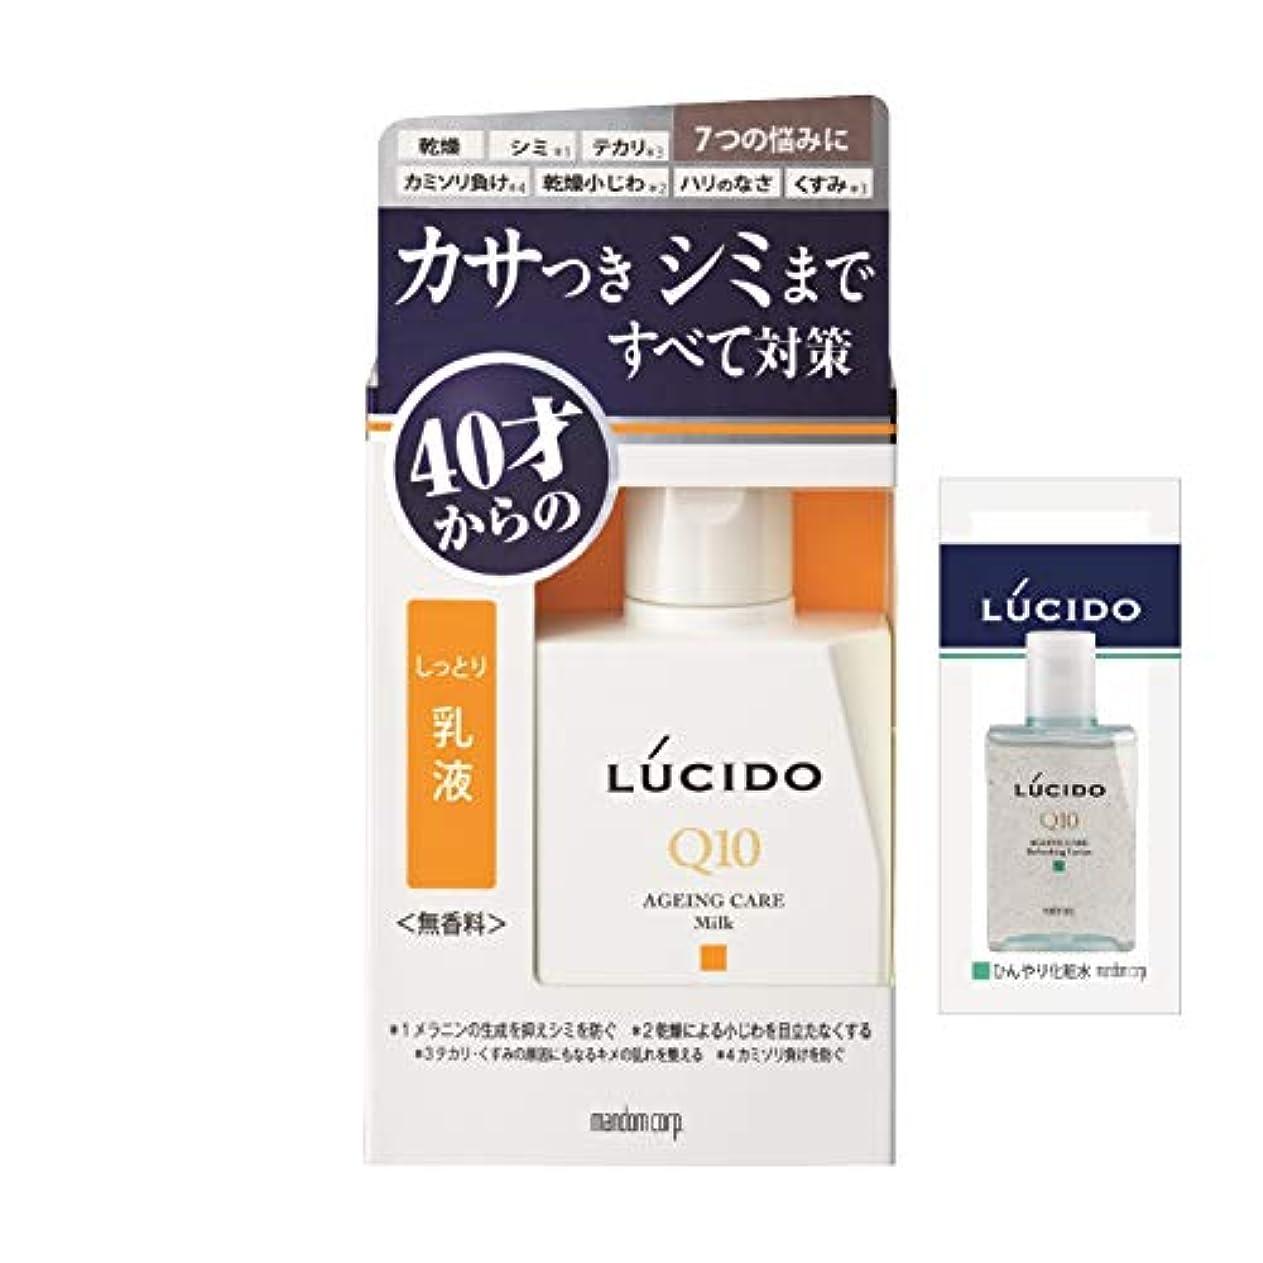 できれば注釈忠誠【Amazon.co.jp限定】 LUCIDO(ルシード) ルシード 薬用 トータルケア乳液 (医薬部外品) 100ml+サンプル付